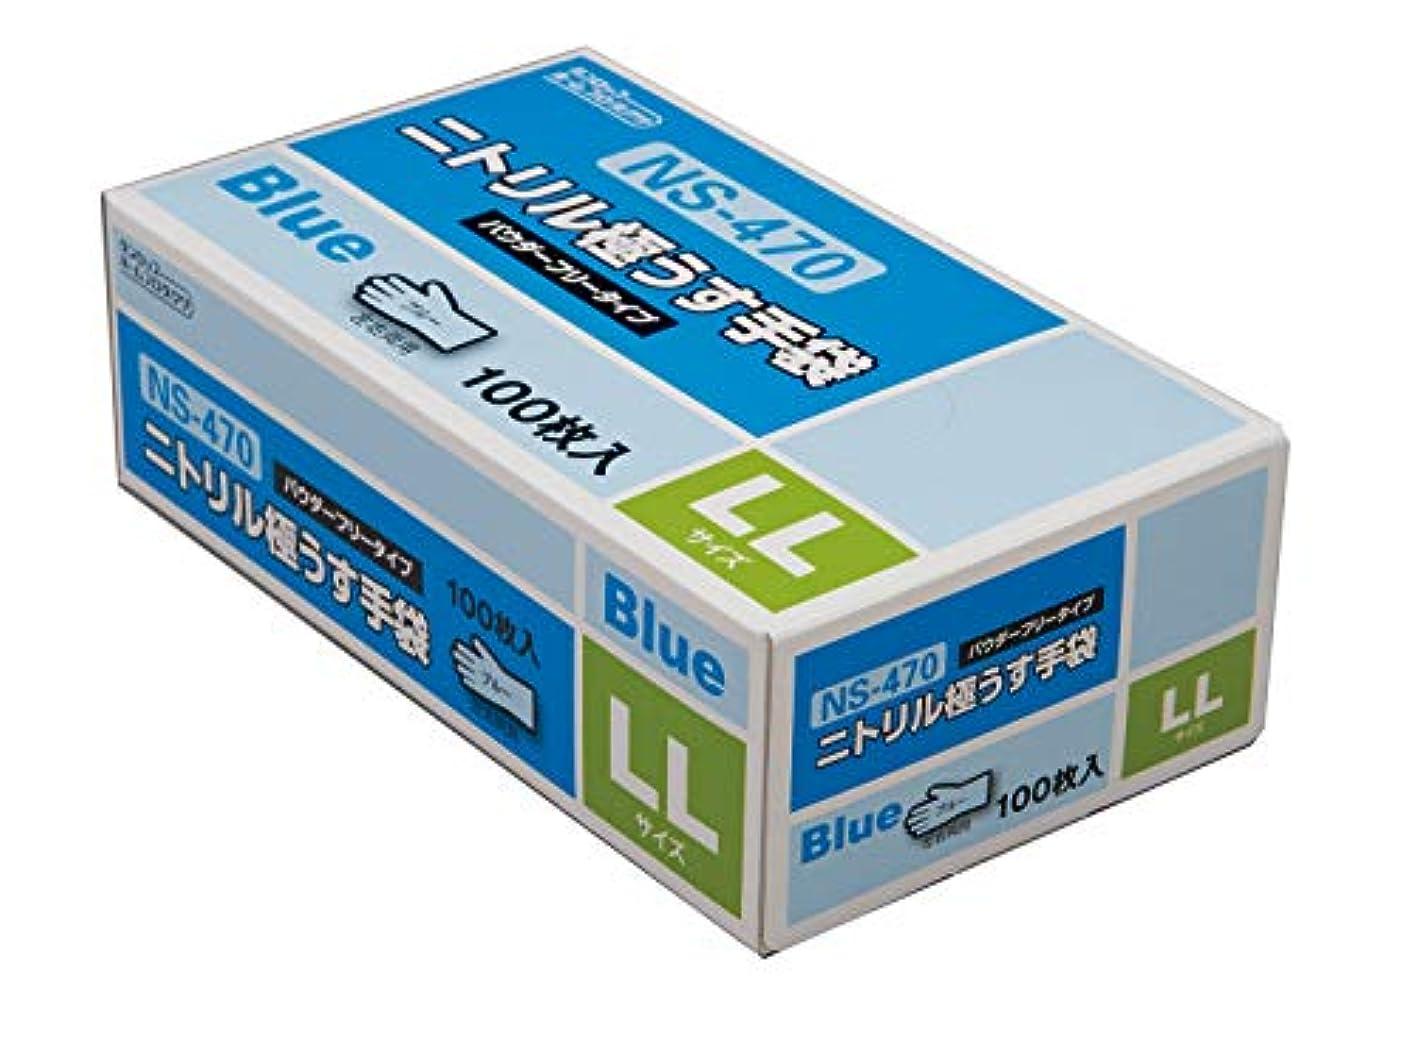 新しい意味背景フロンティアニトリル極うす手袋 NS-470 06745(LL)ブルー100マイイリ ダンロップホームプロダクツ